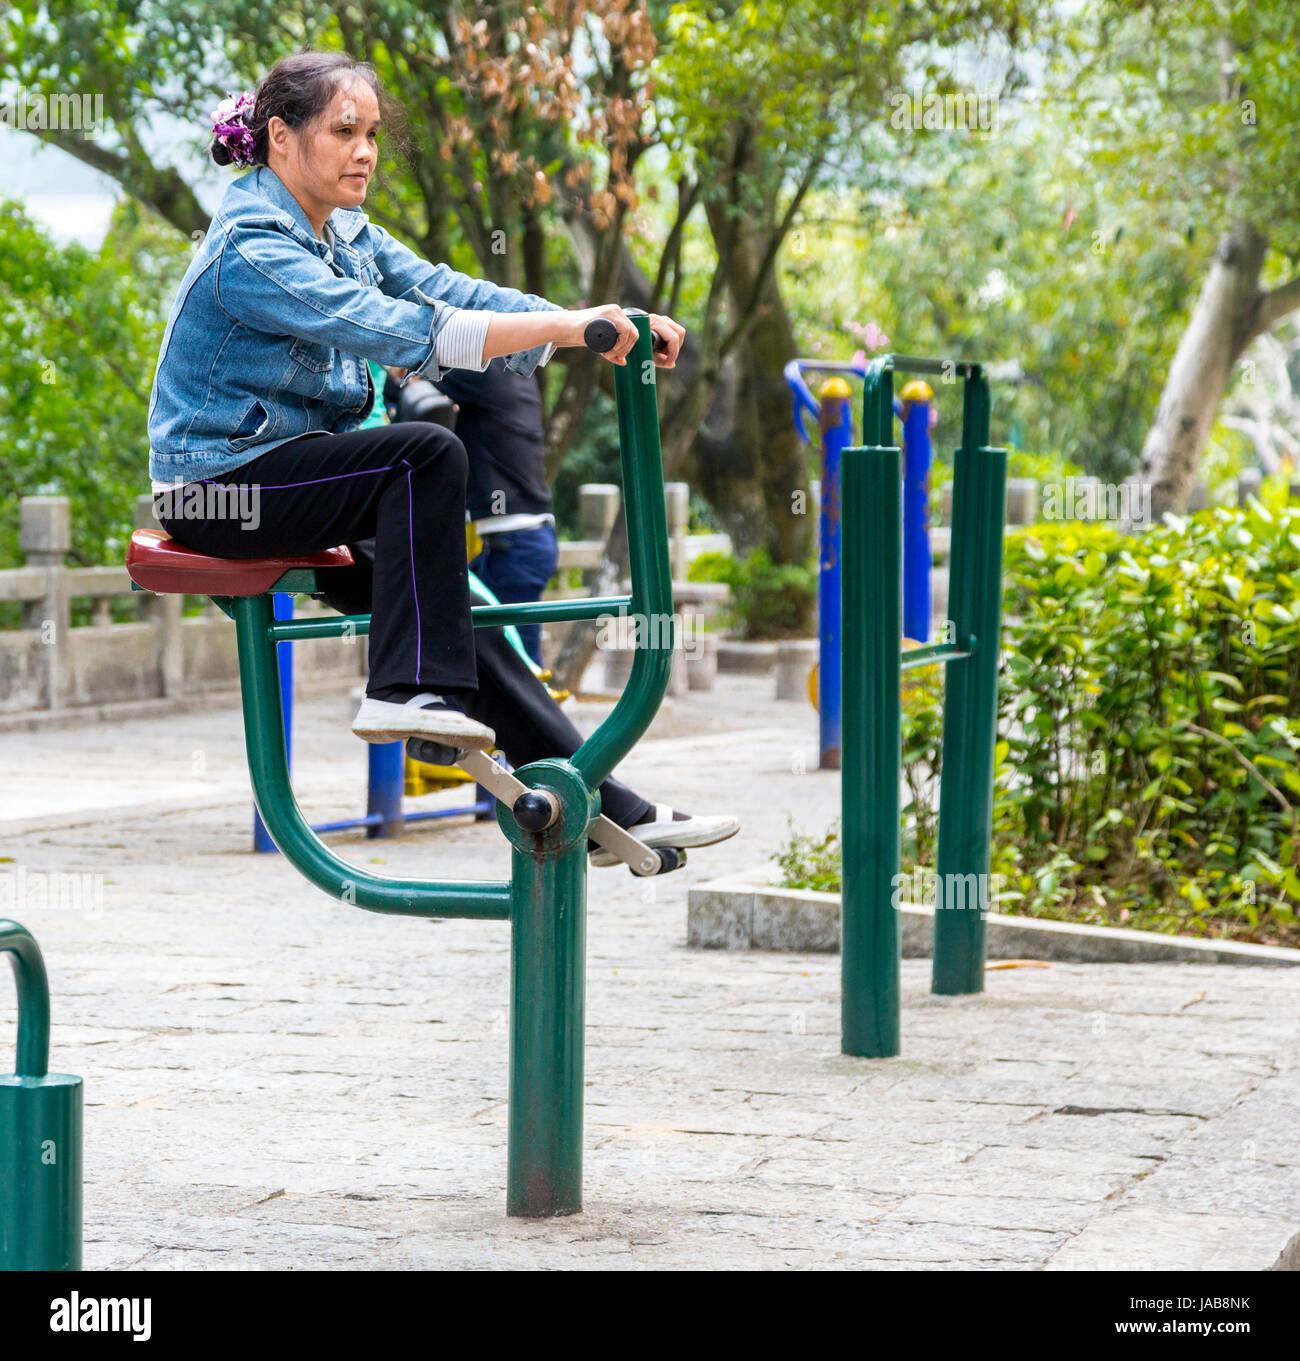 Yangshuo, China. Mujer trabajando en equipo de ejercicio público. Imagen De Stock